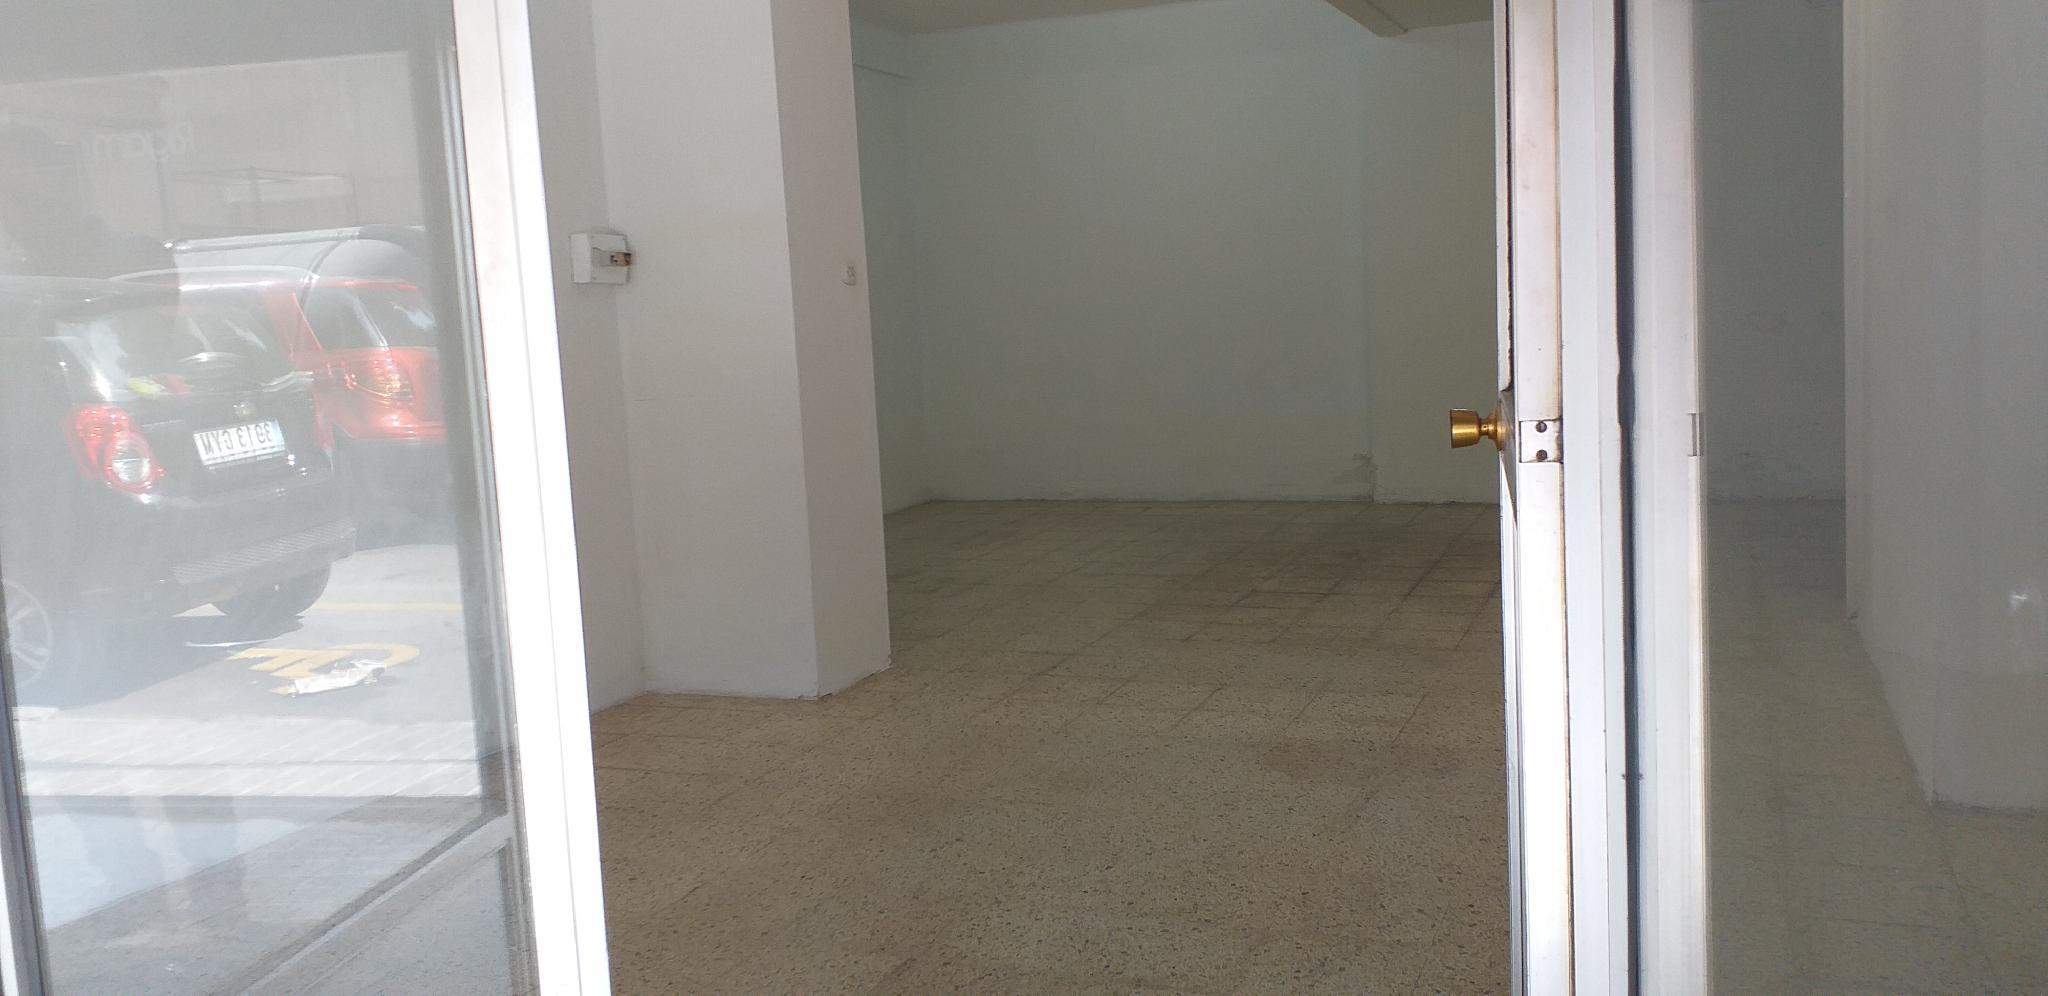 230355 - Verge de Montserrat